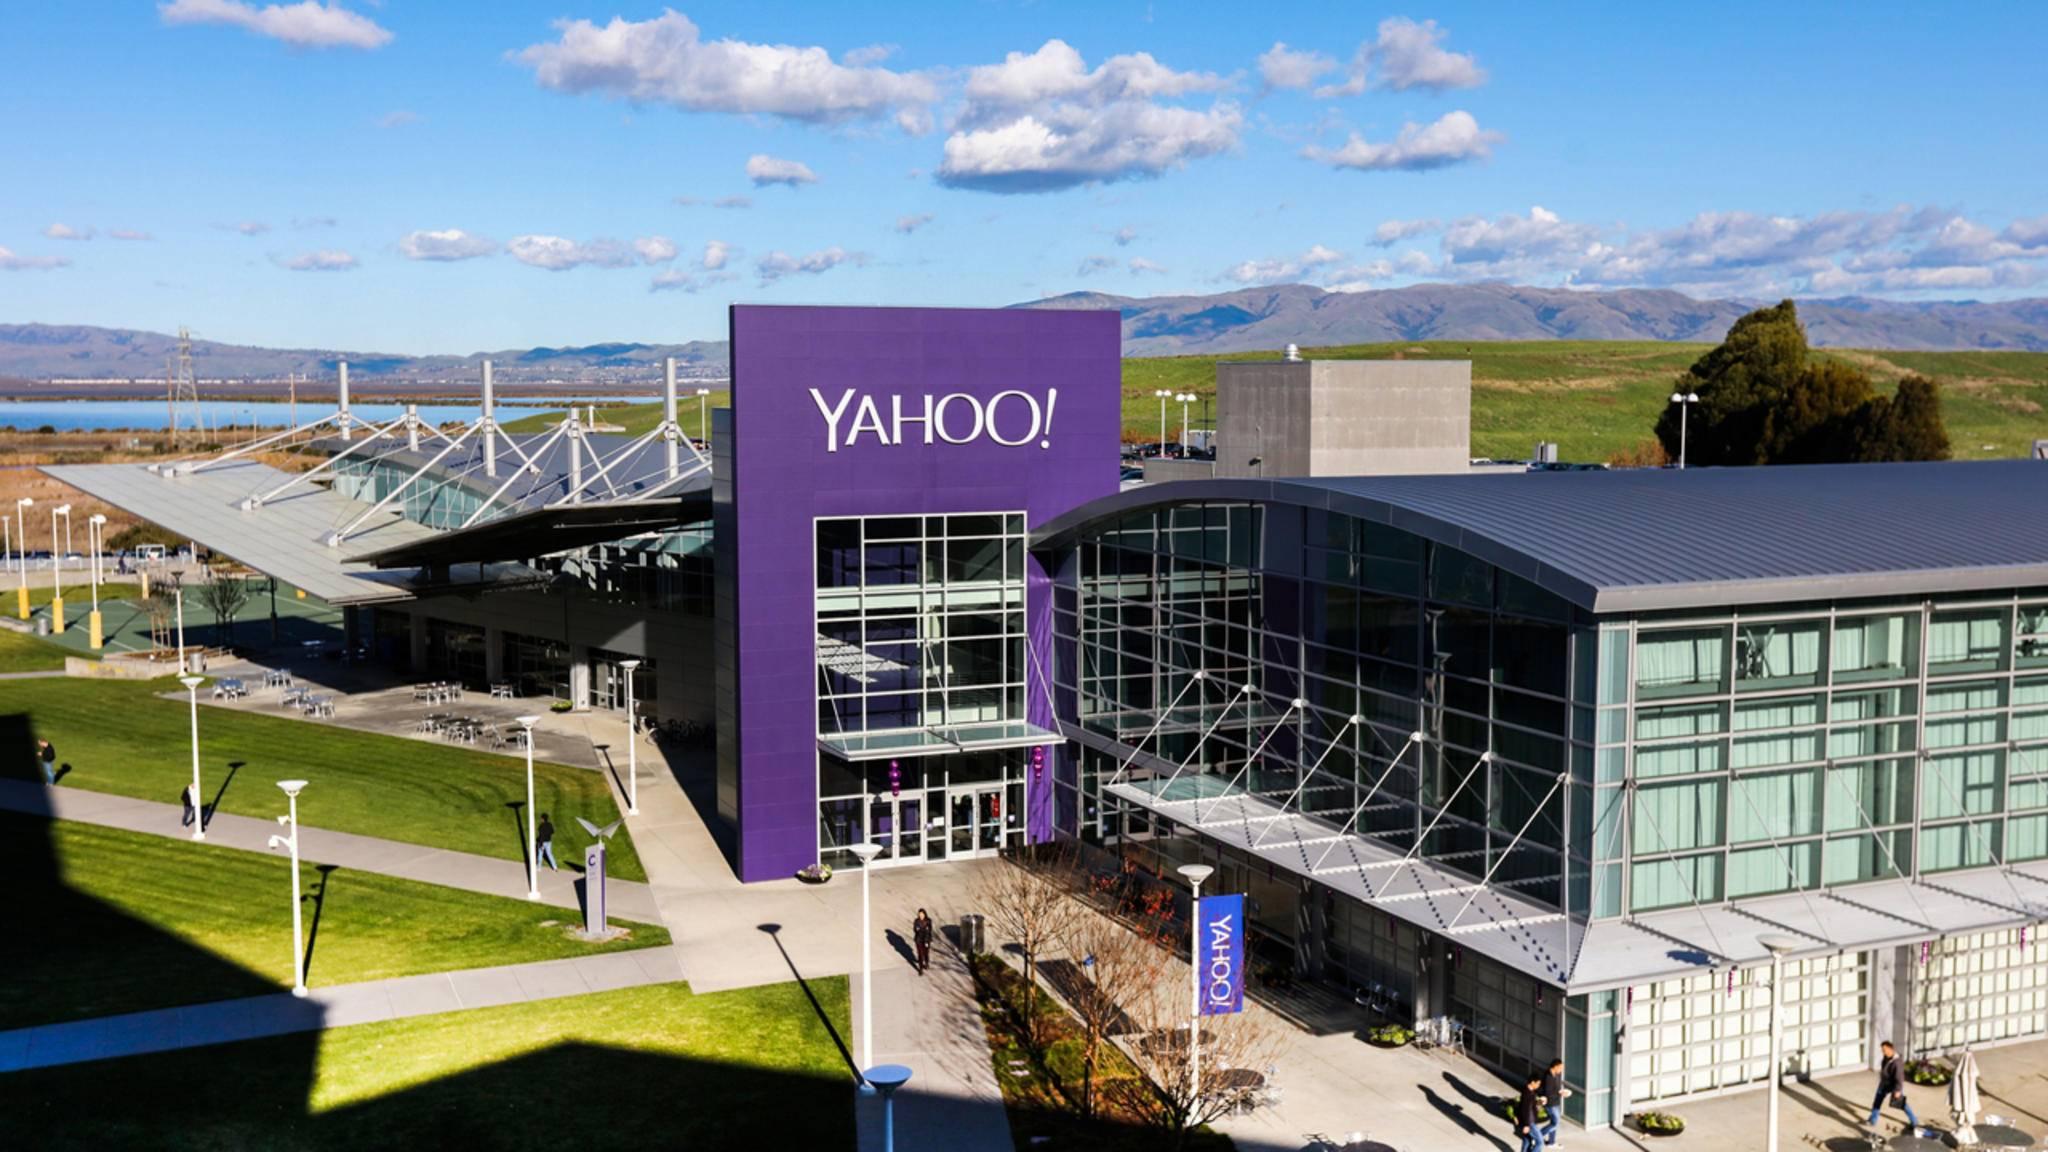 Nach der Übernahme durch Verizon wird Yahoo in Altaba umbenannt.